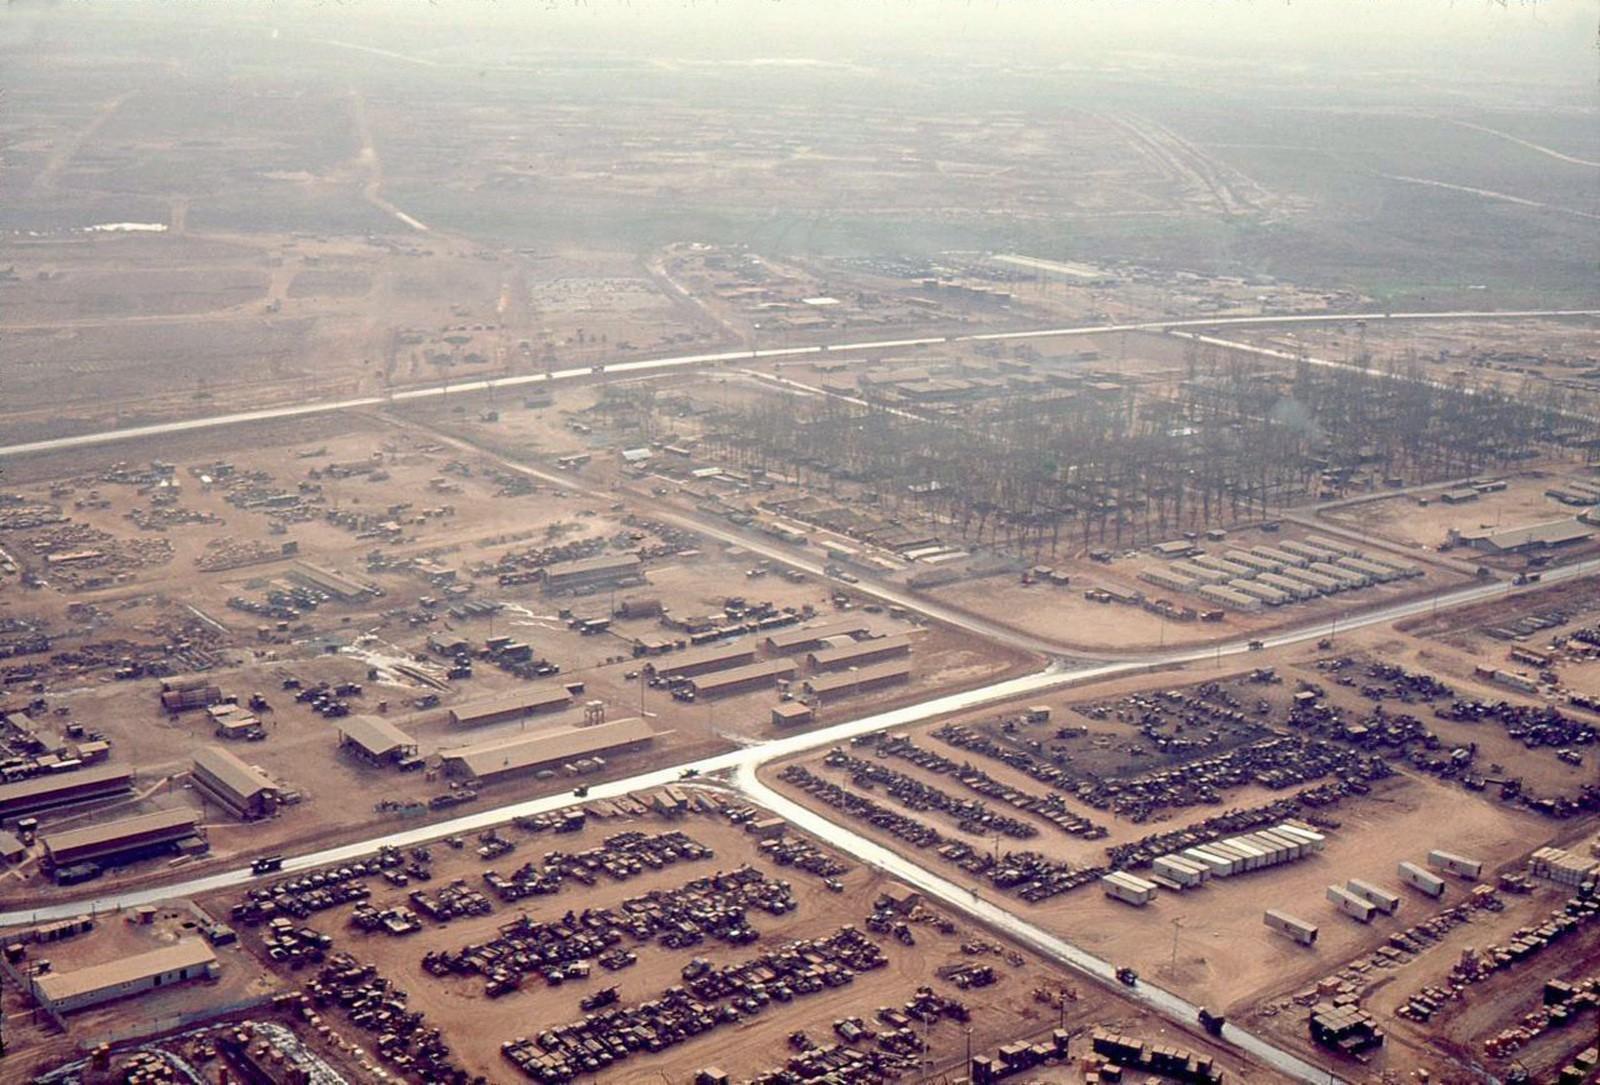 Chùm ảnh: Tổng kho Long Bình – căn cứ quân sự lớn nhất của Mỹ ở Việt Nam